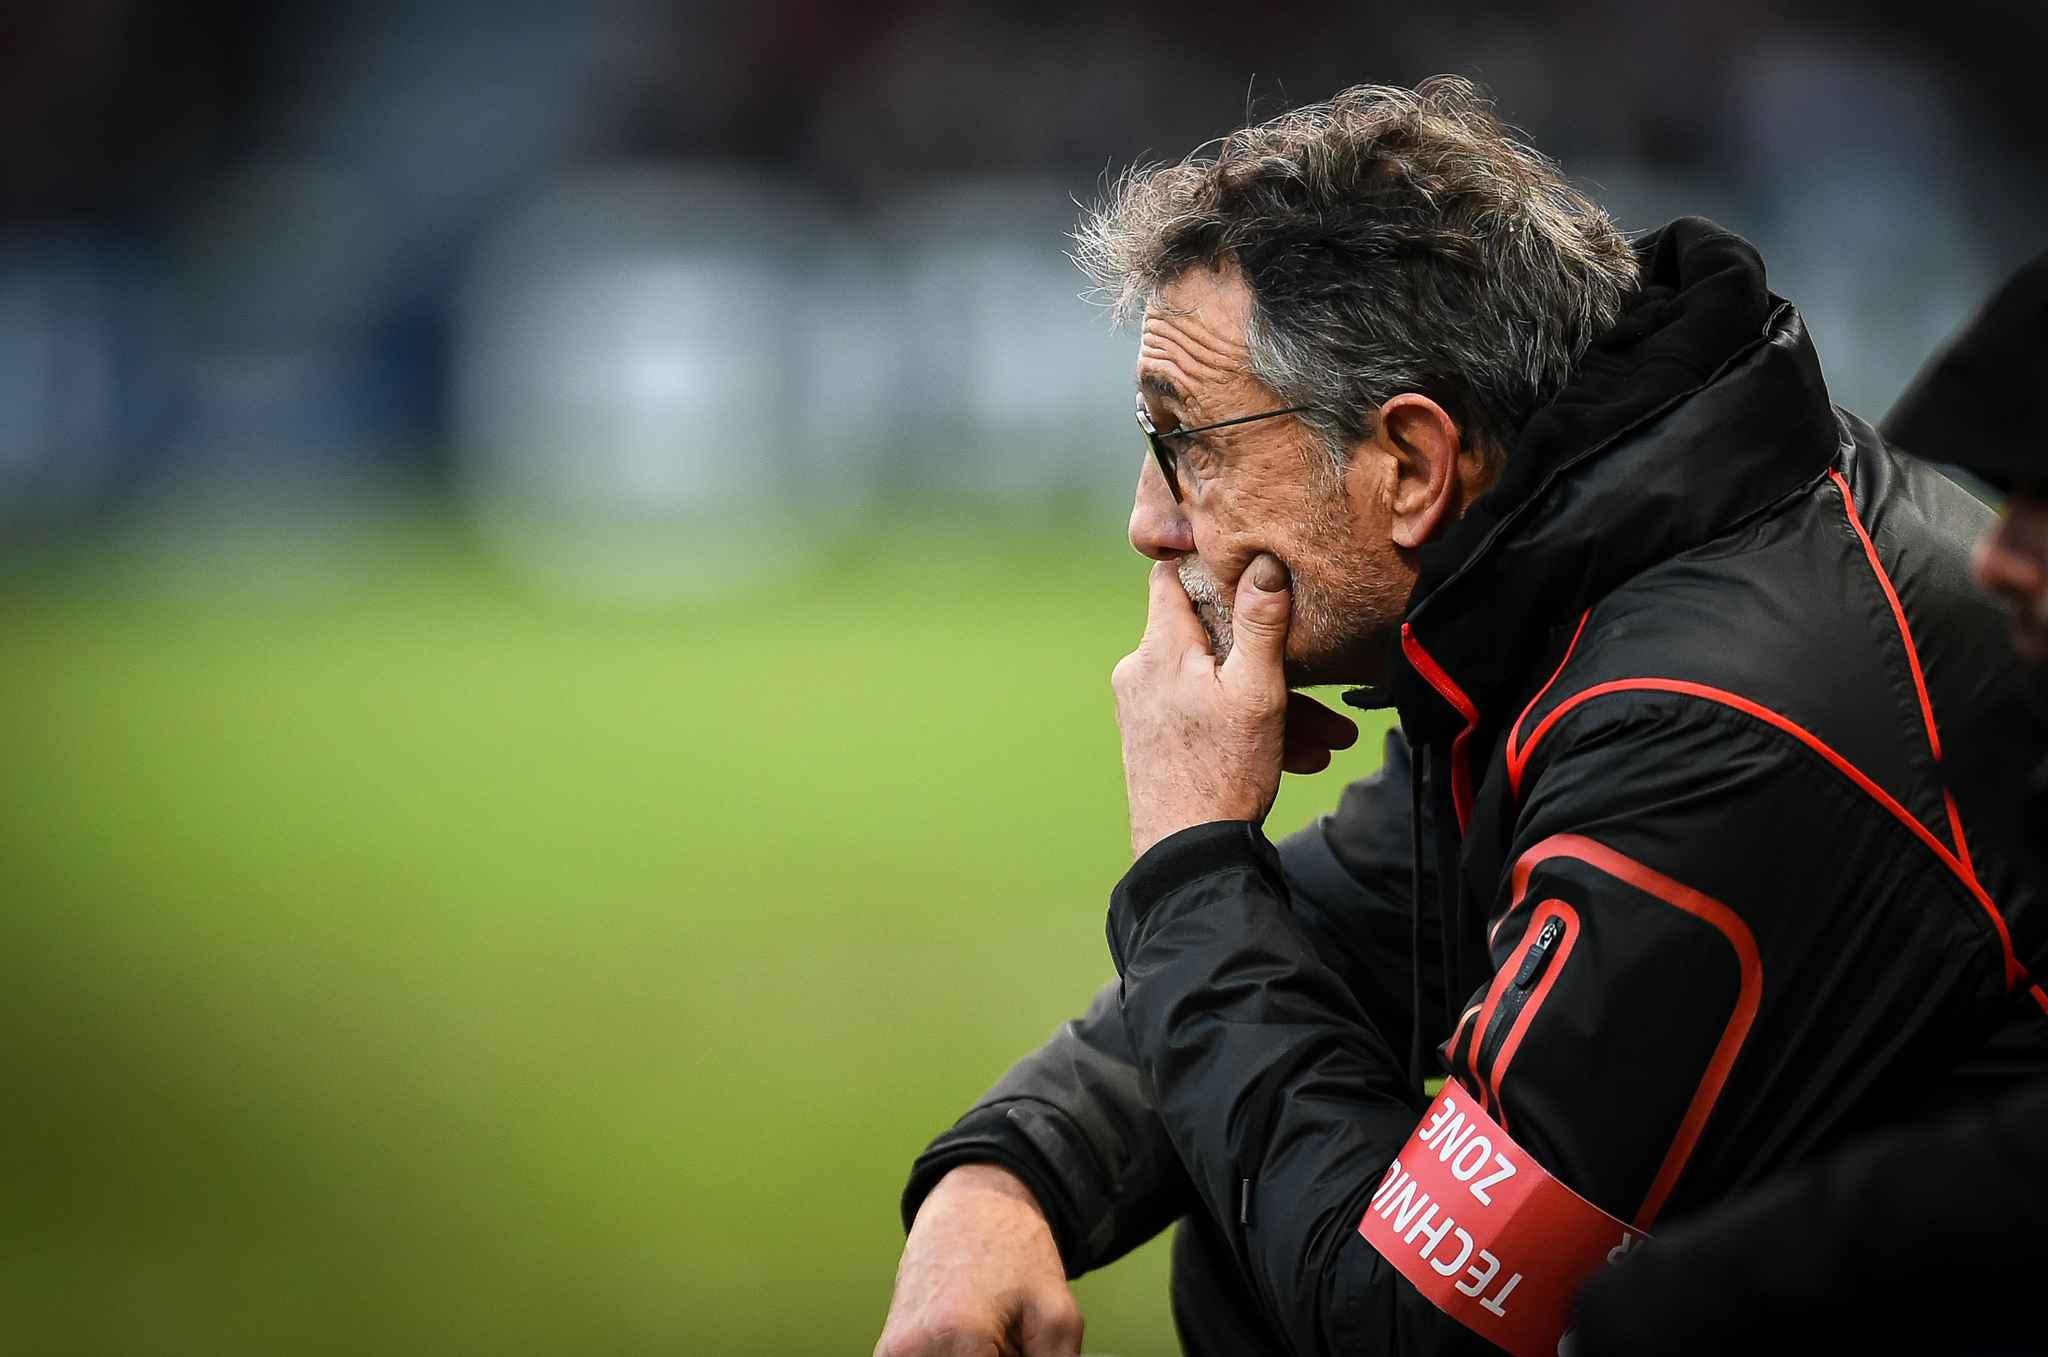 Toulouse pour nov s les joueurs doivent tre tr s go stes et faire fi de son d part - Coup du dragon en anglais ...